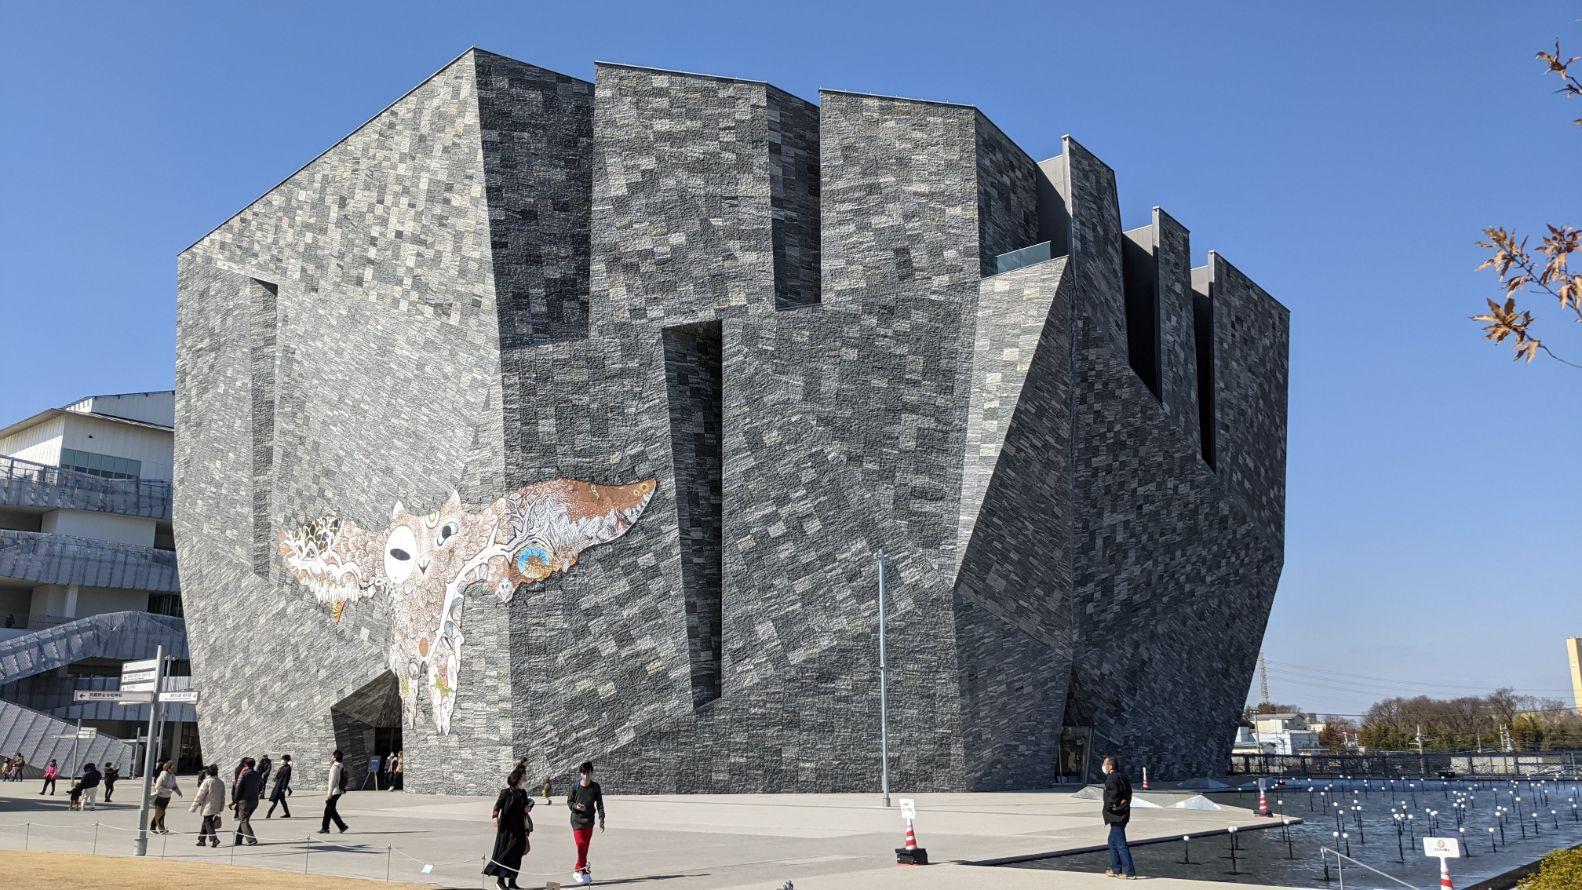 角川武蔵野ミュージアムに行ってきた!本好き、アート好き、建築好き、写真好きなら1日中楽しめるのでおすすめ!